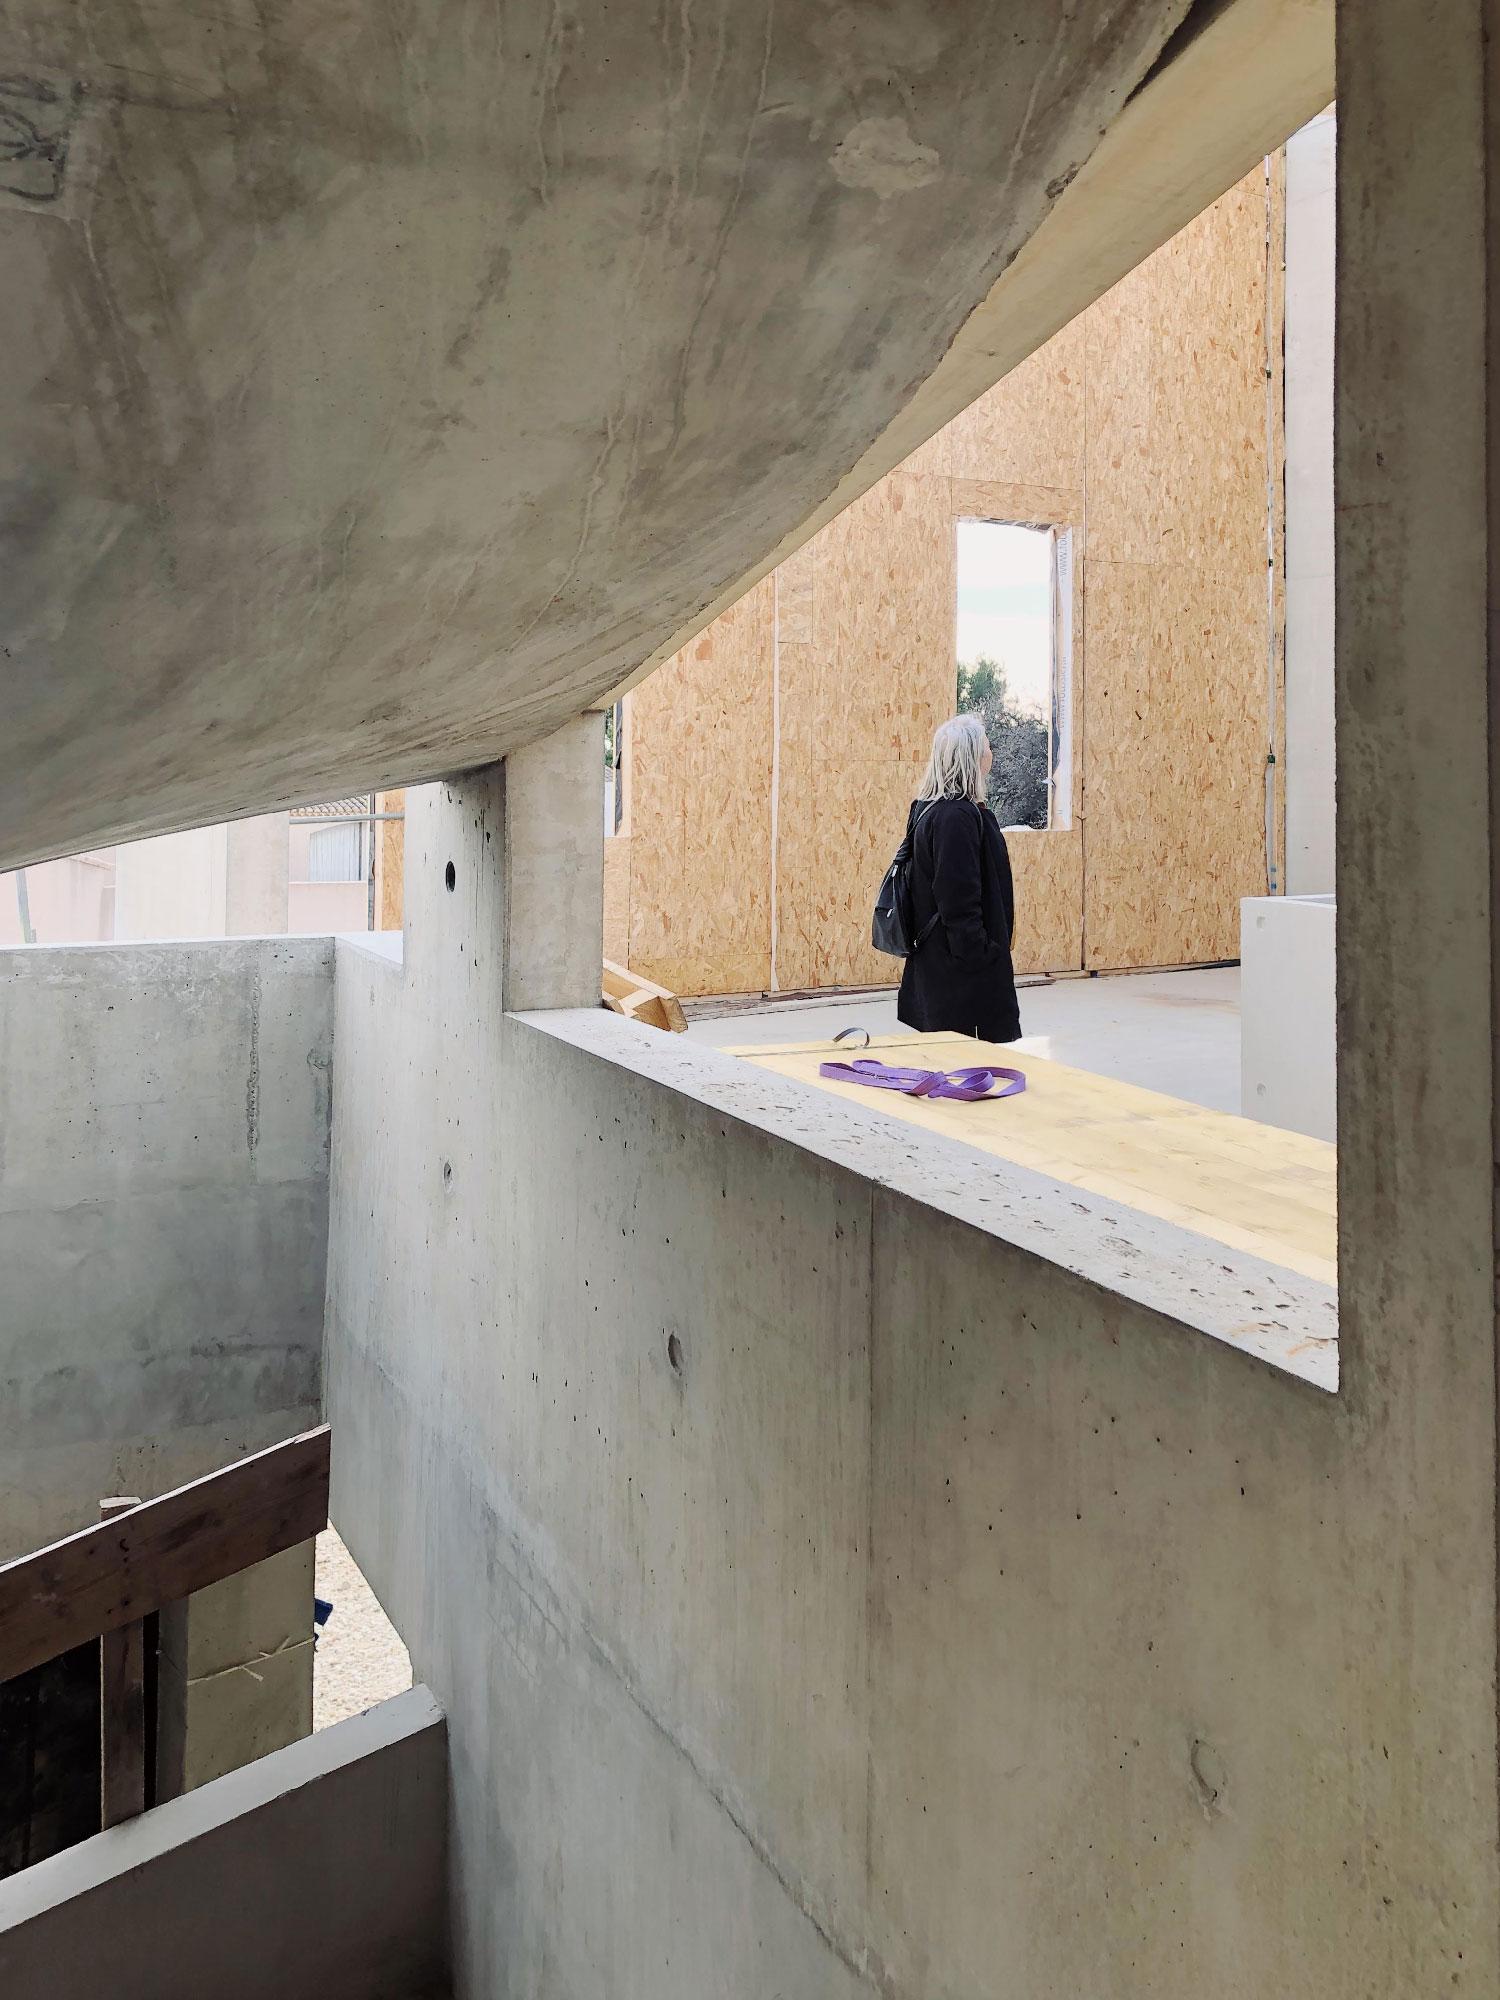 Chantier du centre culturel et associatif de Bellegarde (30) - cadrage sur l'atrium et les salles d'activités - TAUTEM Architecture